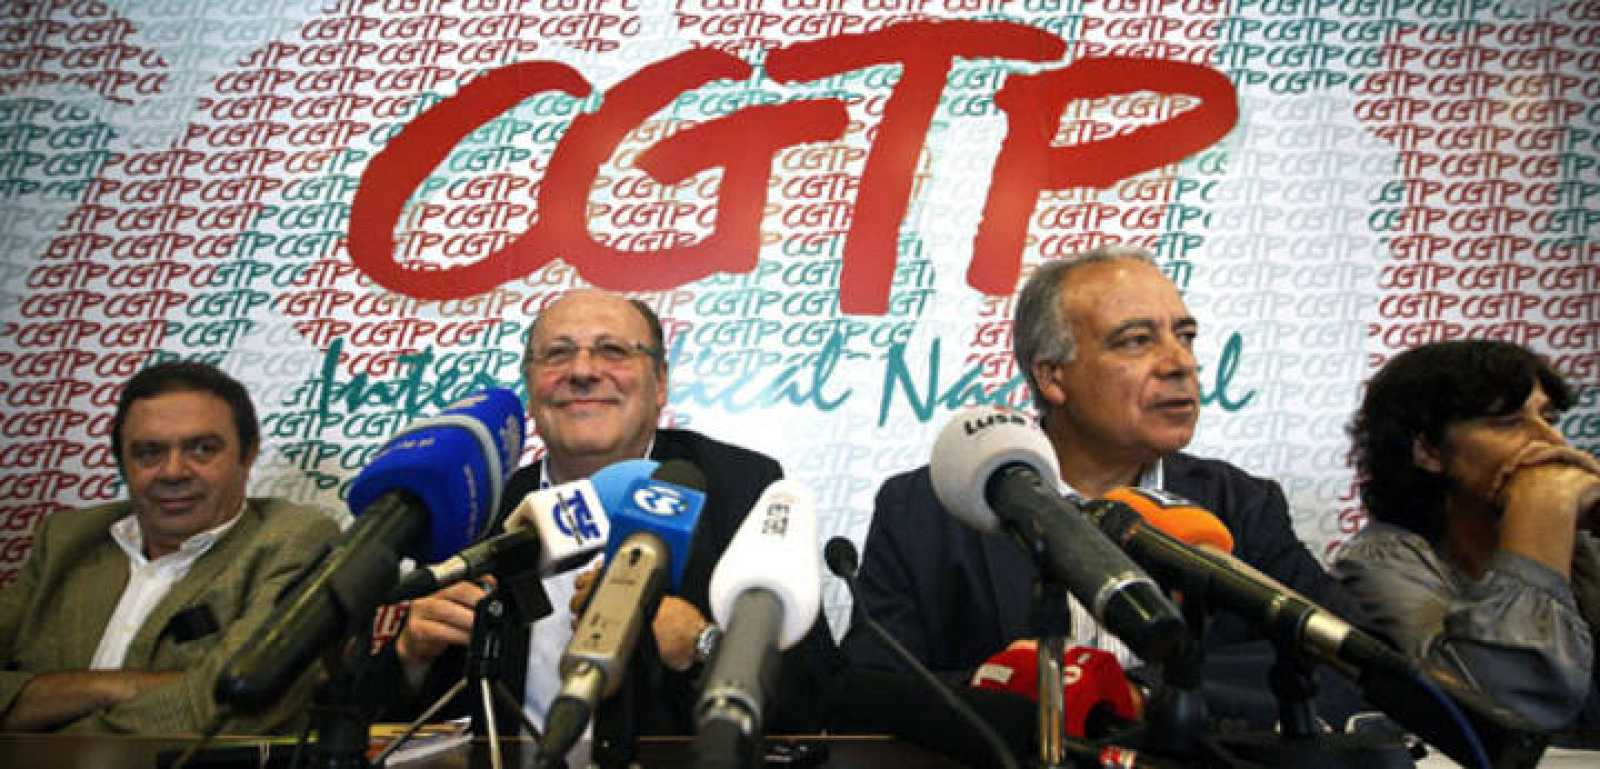 Los dos principales sindicatos portugueses convocan una huelga general